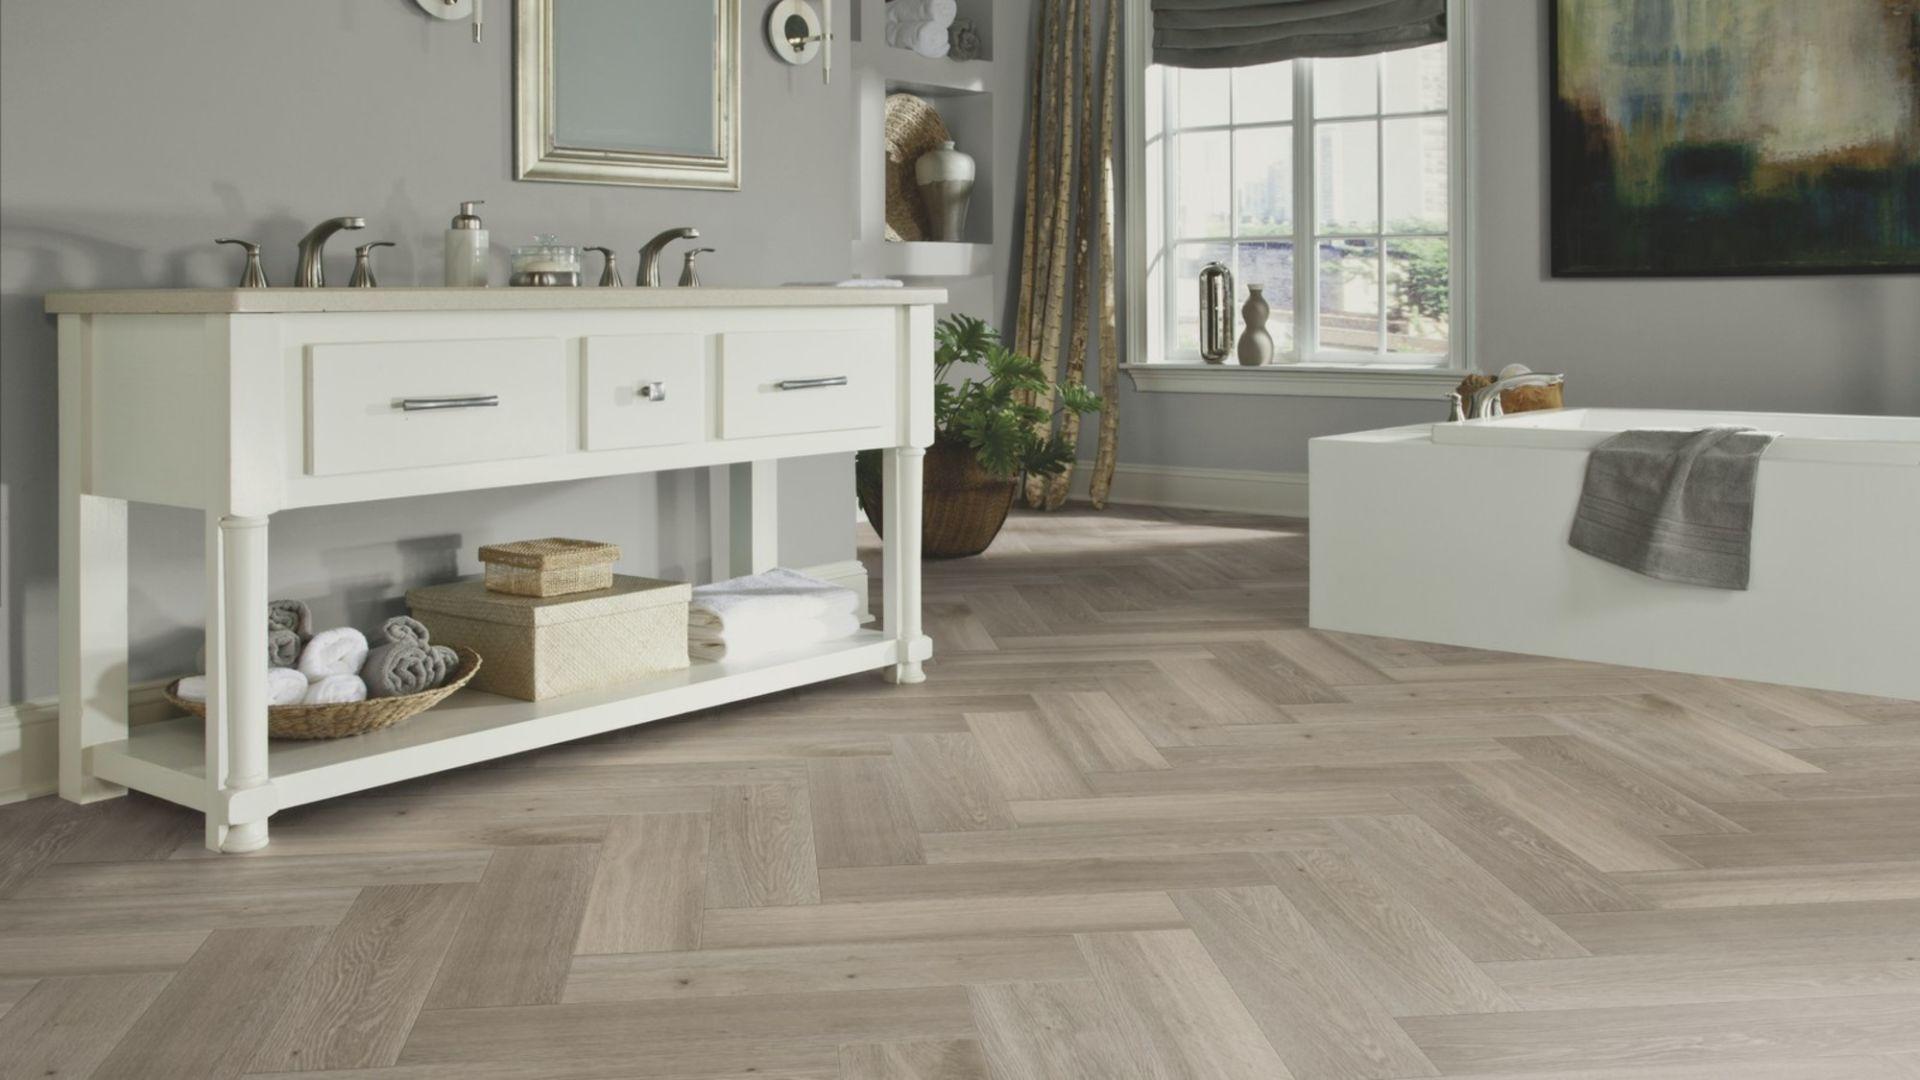 Pvc Vloeren Test : Pvc floor tiles gooddesign